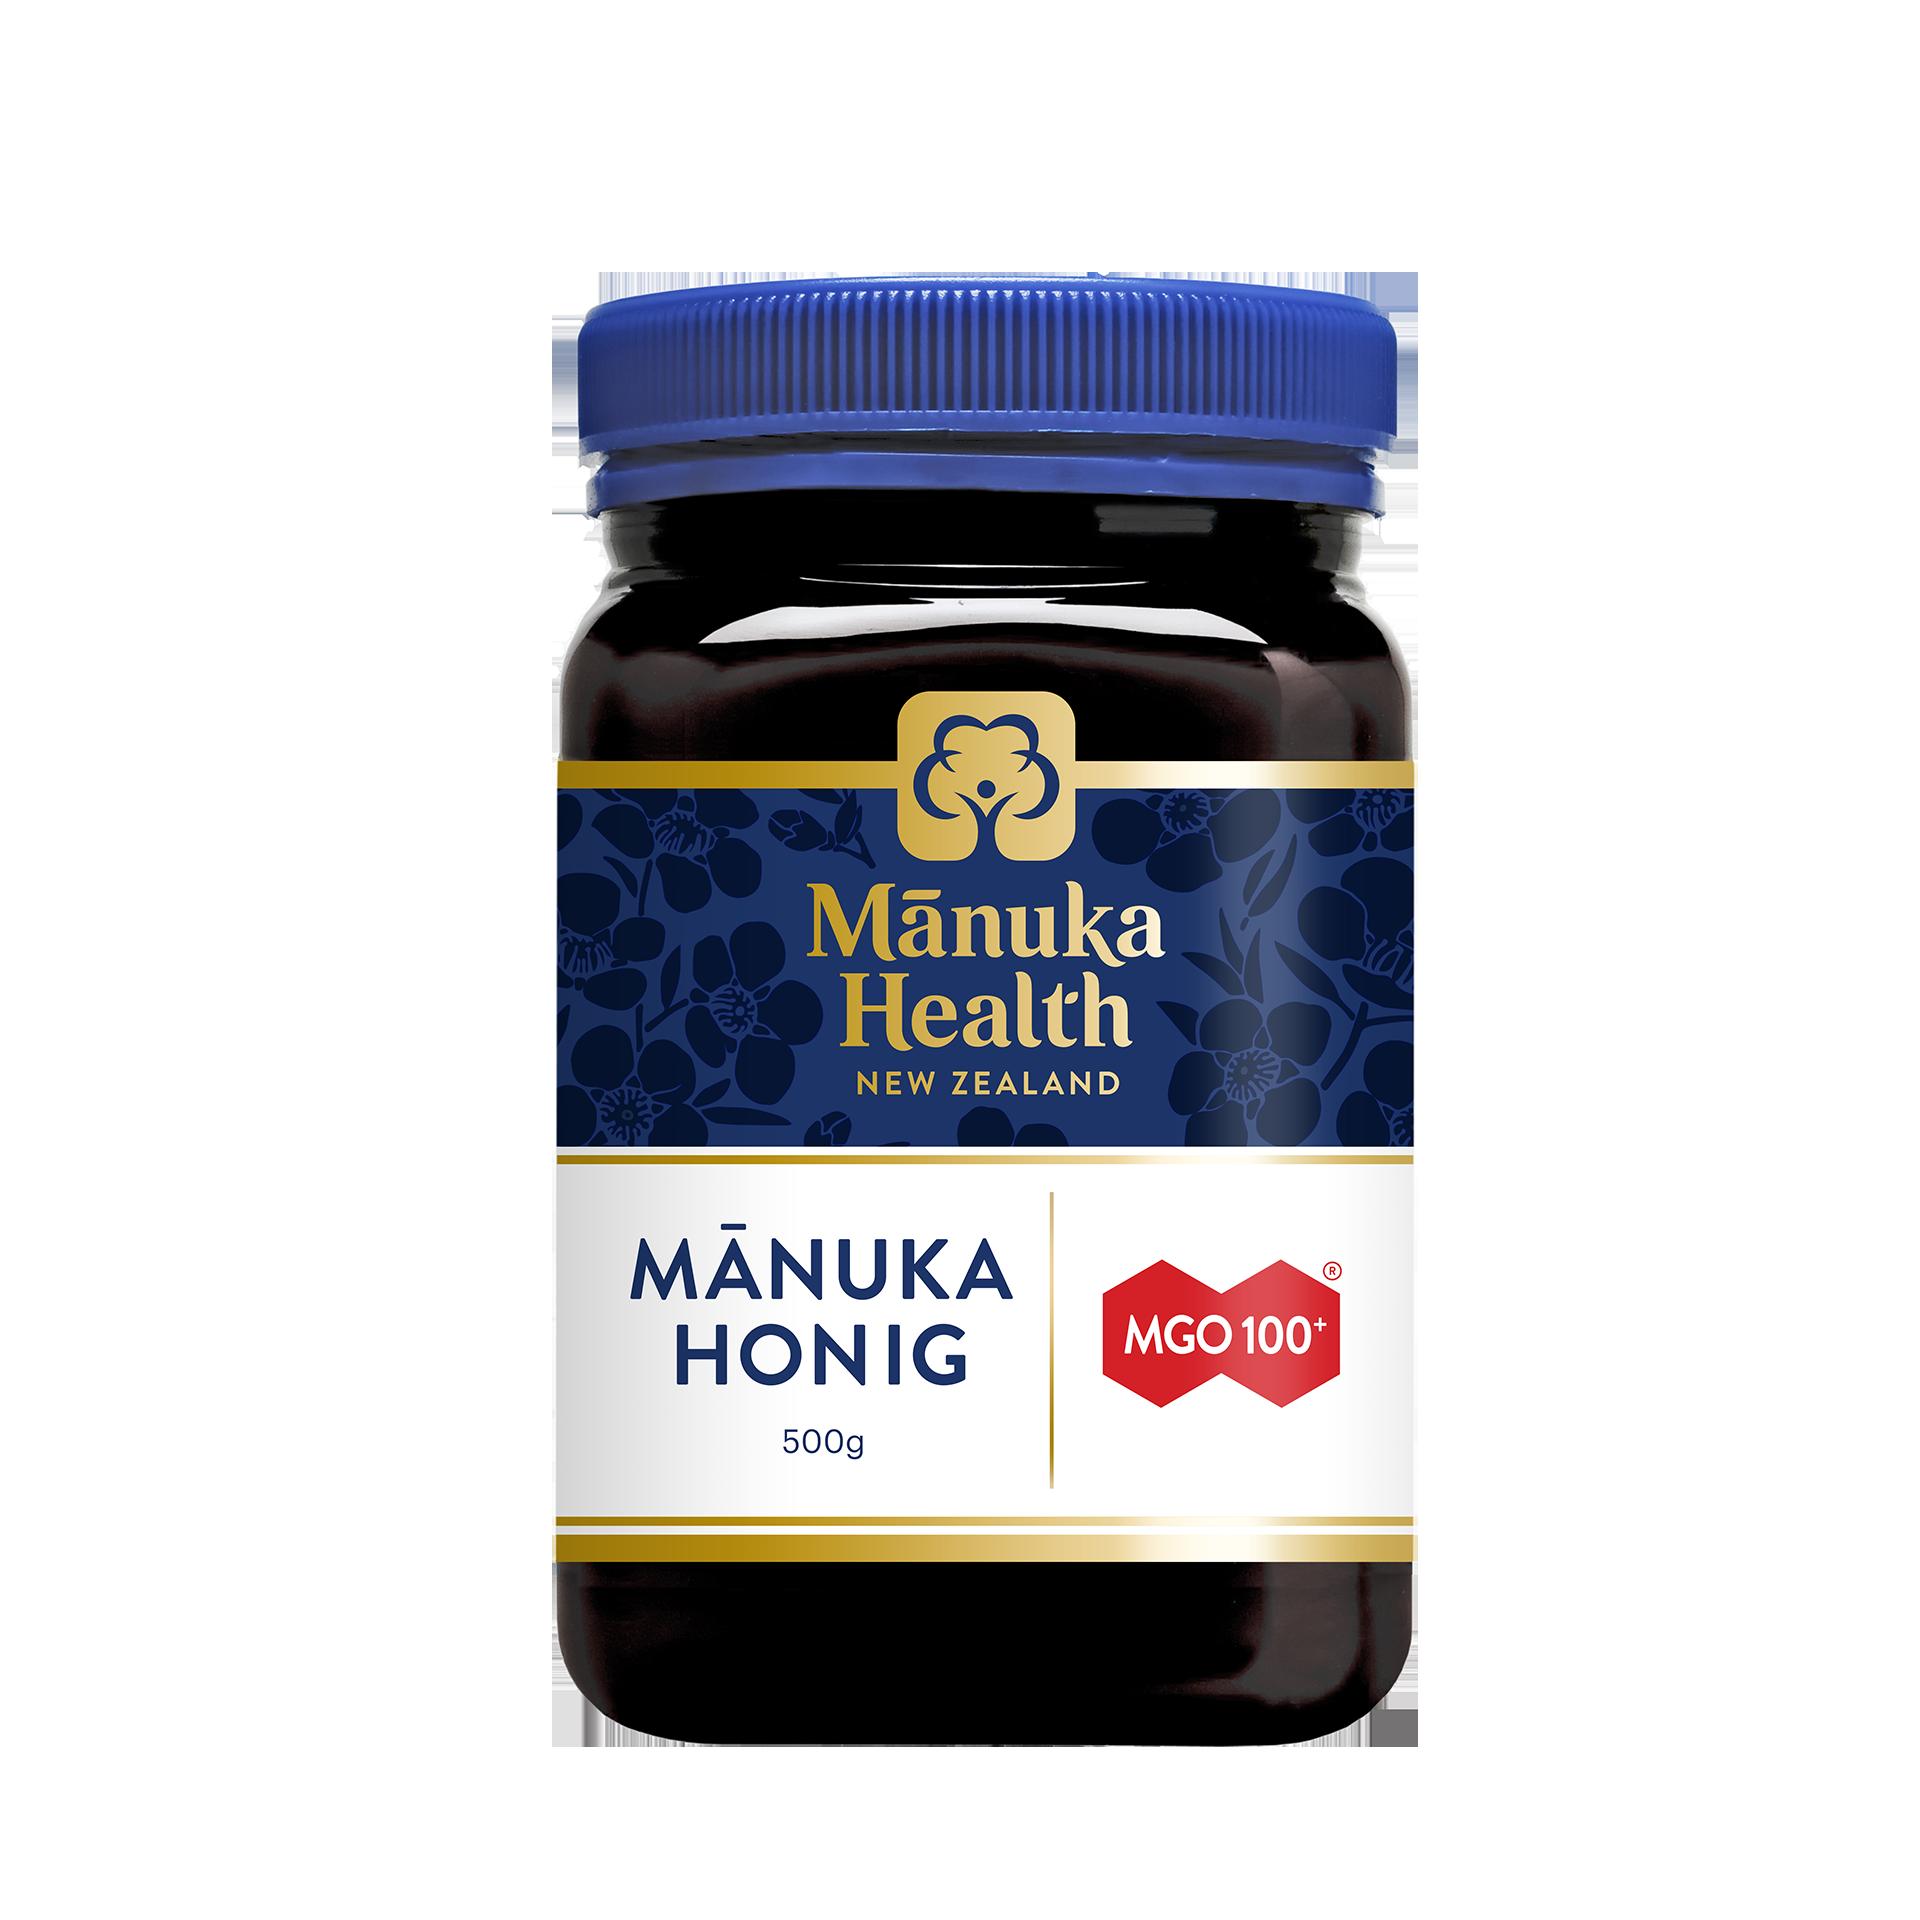 Manuka Honig MGO 100+, 500 g